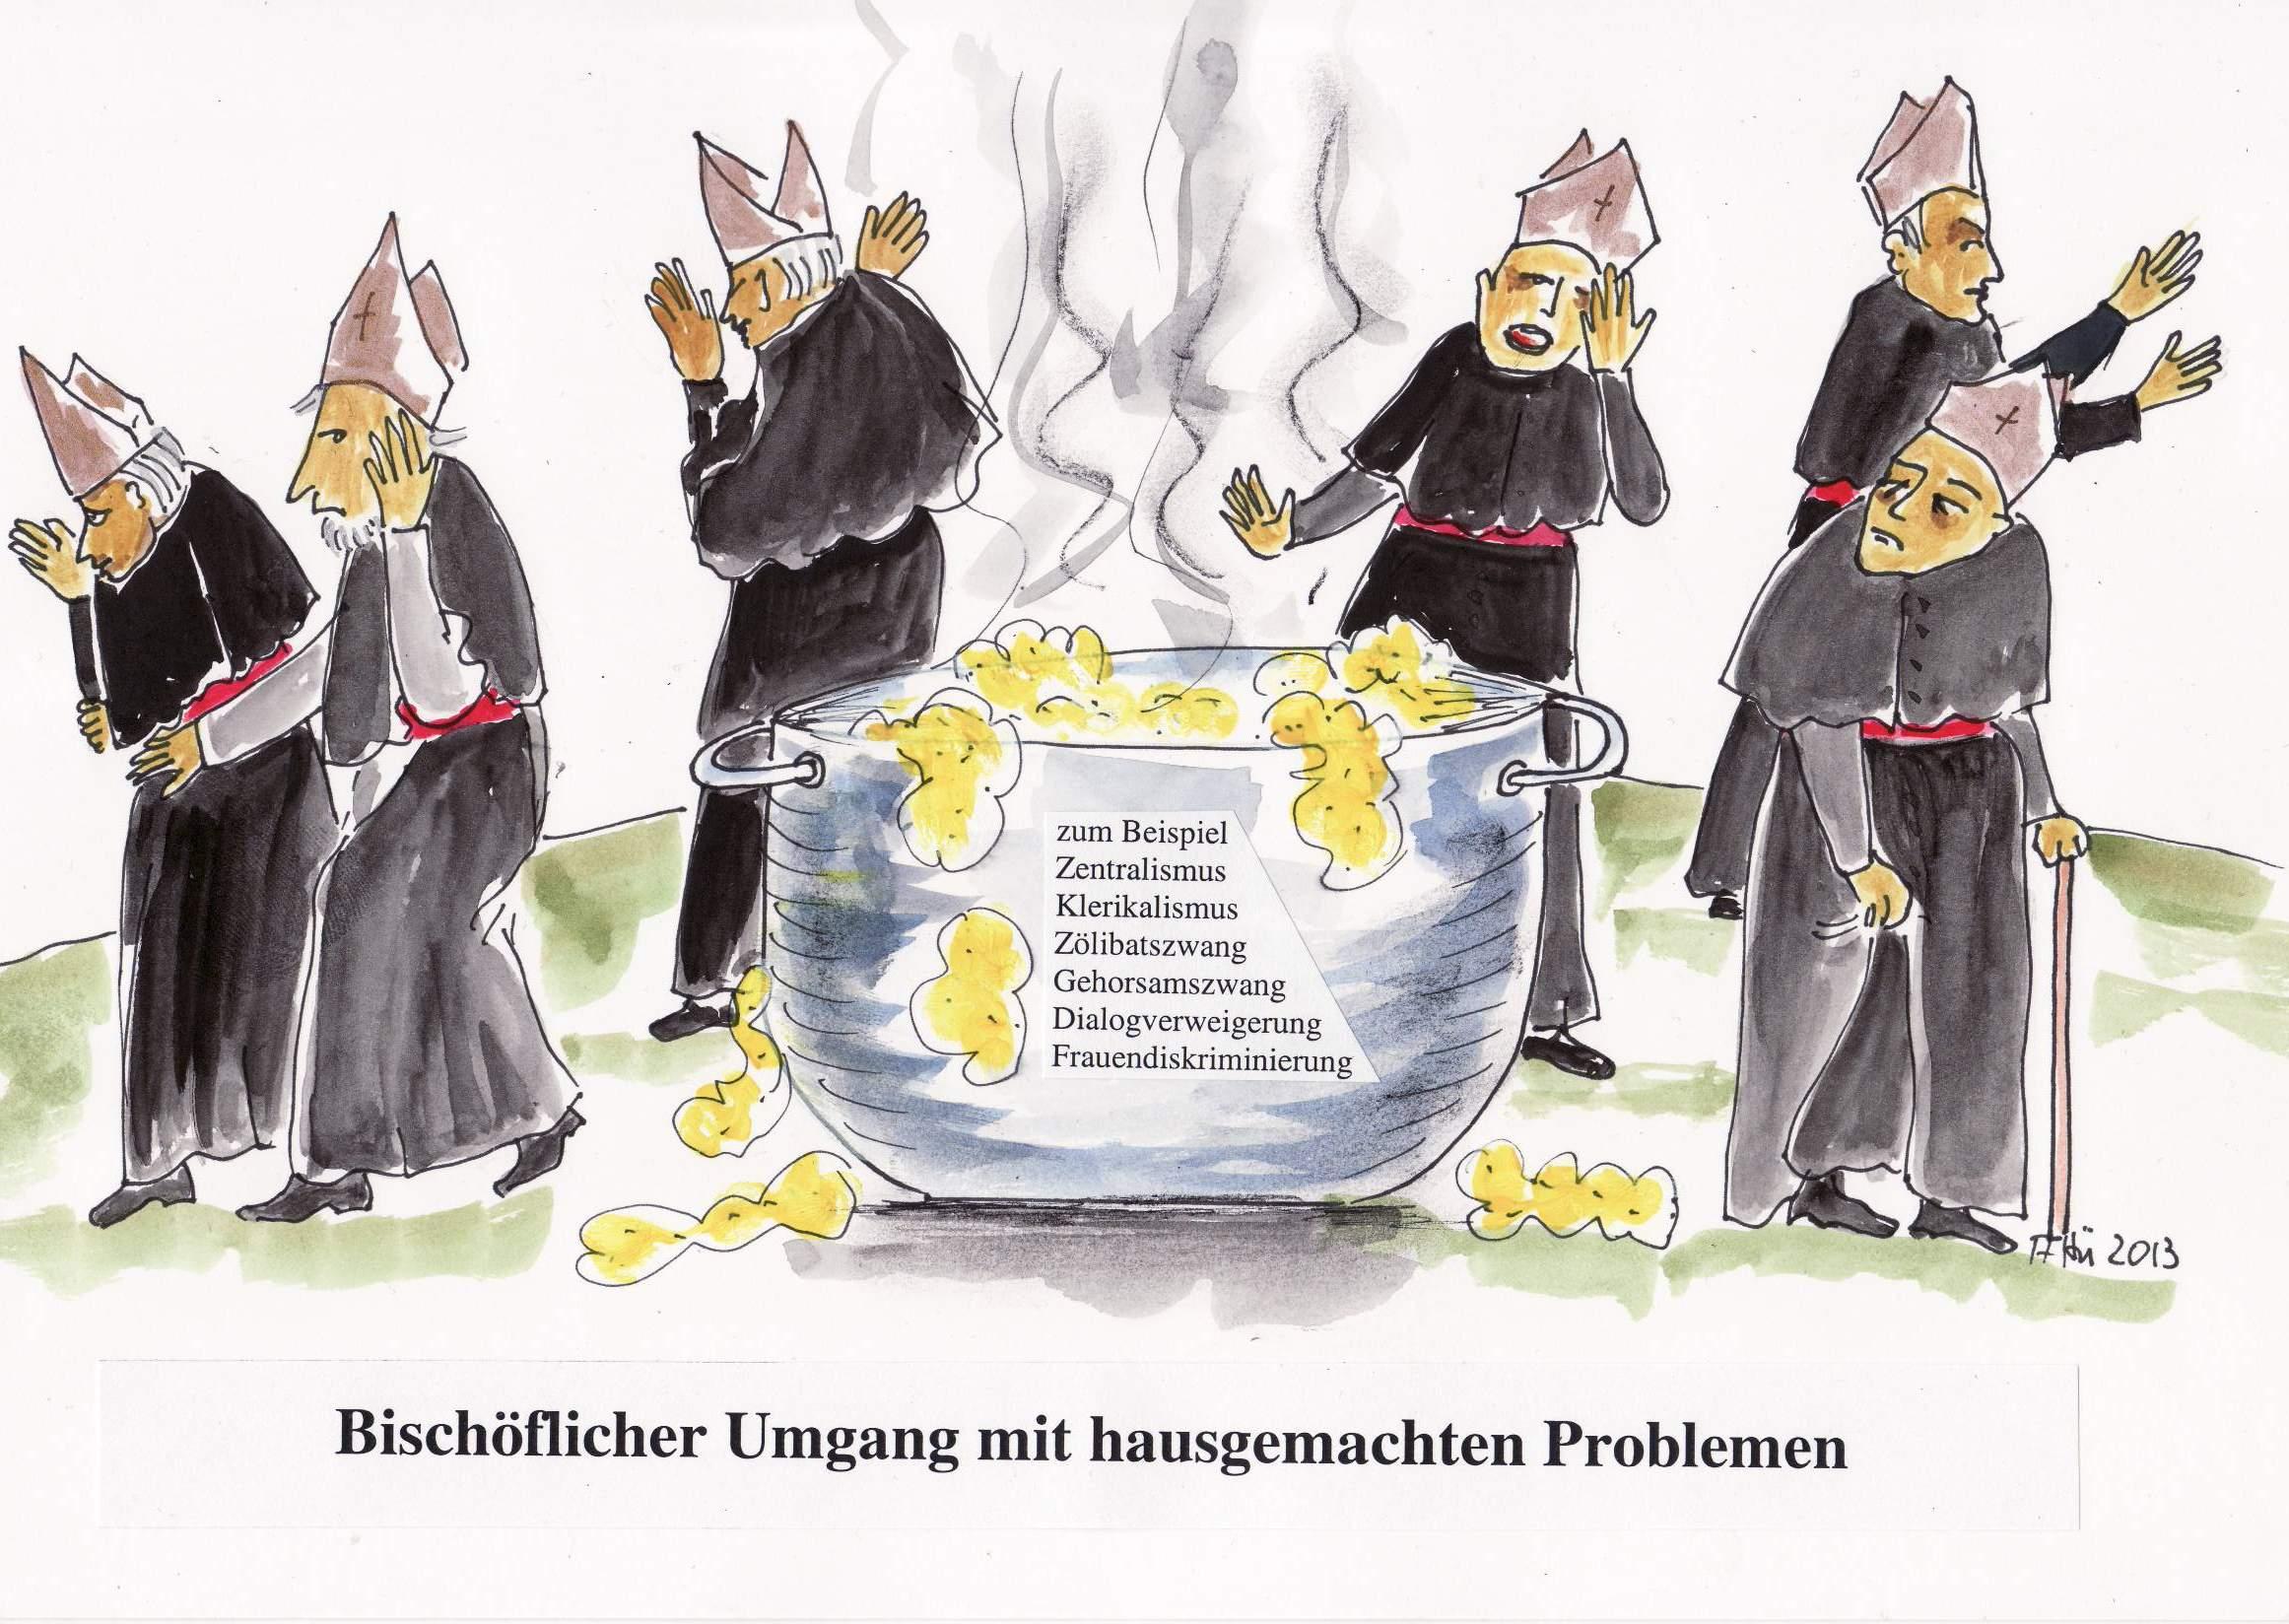 https://www.wir-sind-kirche.de/files/wsk/2019/HUERTER_Mail0068.JPG